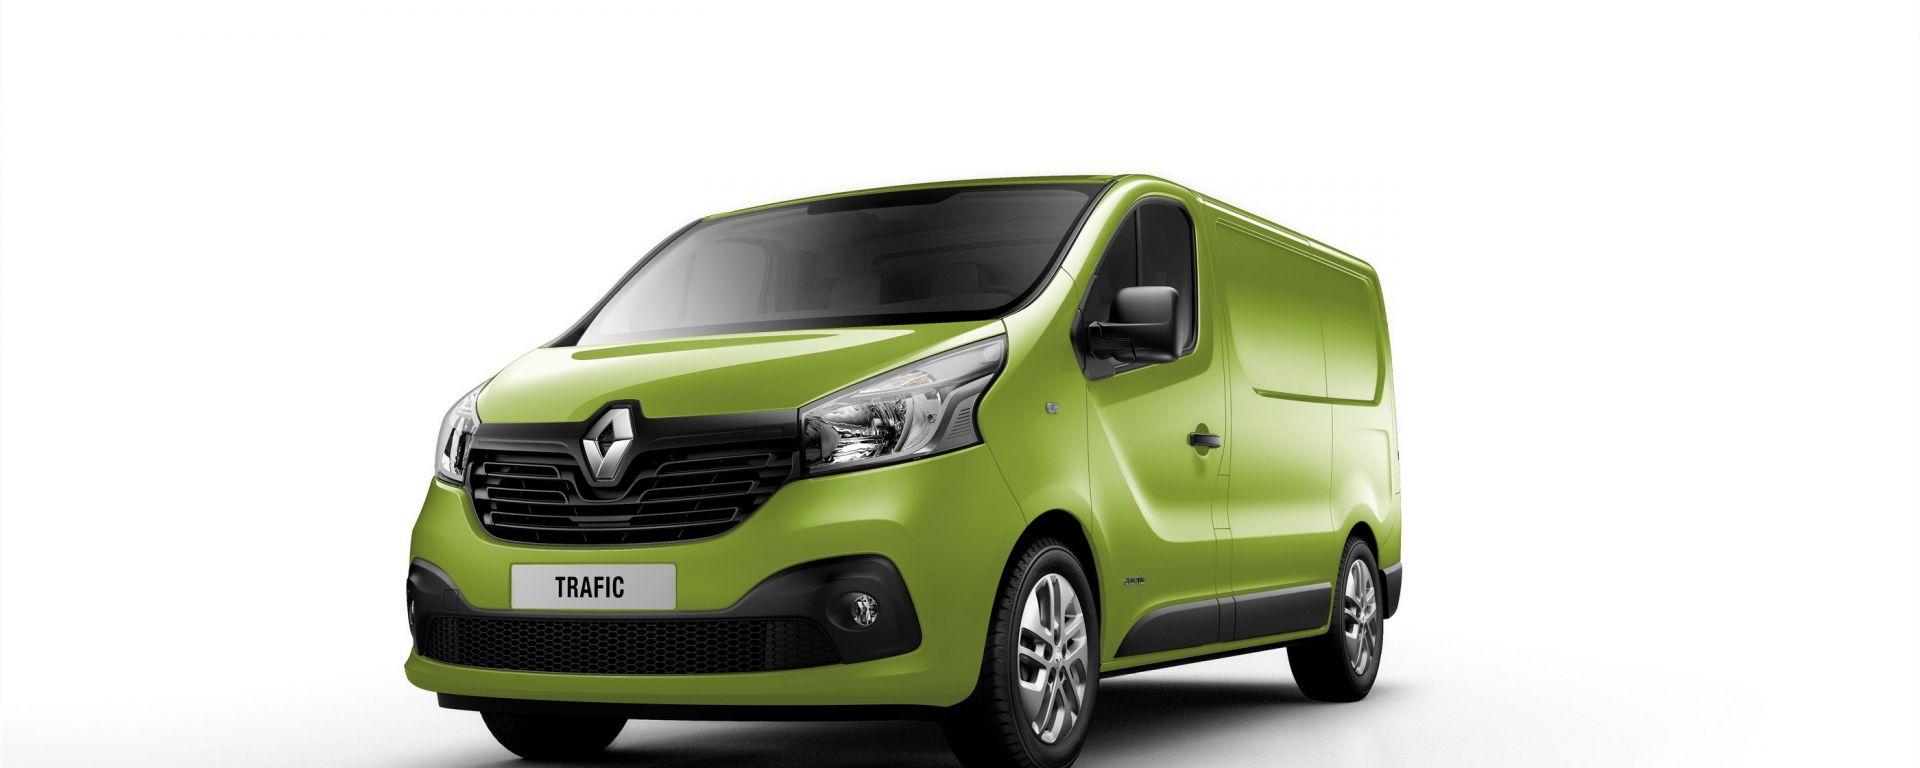 Renault Trafic 2014, nuove info e foto